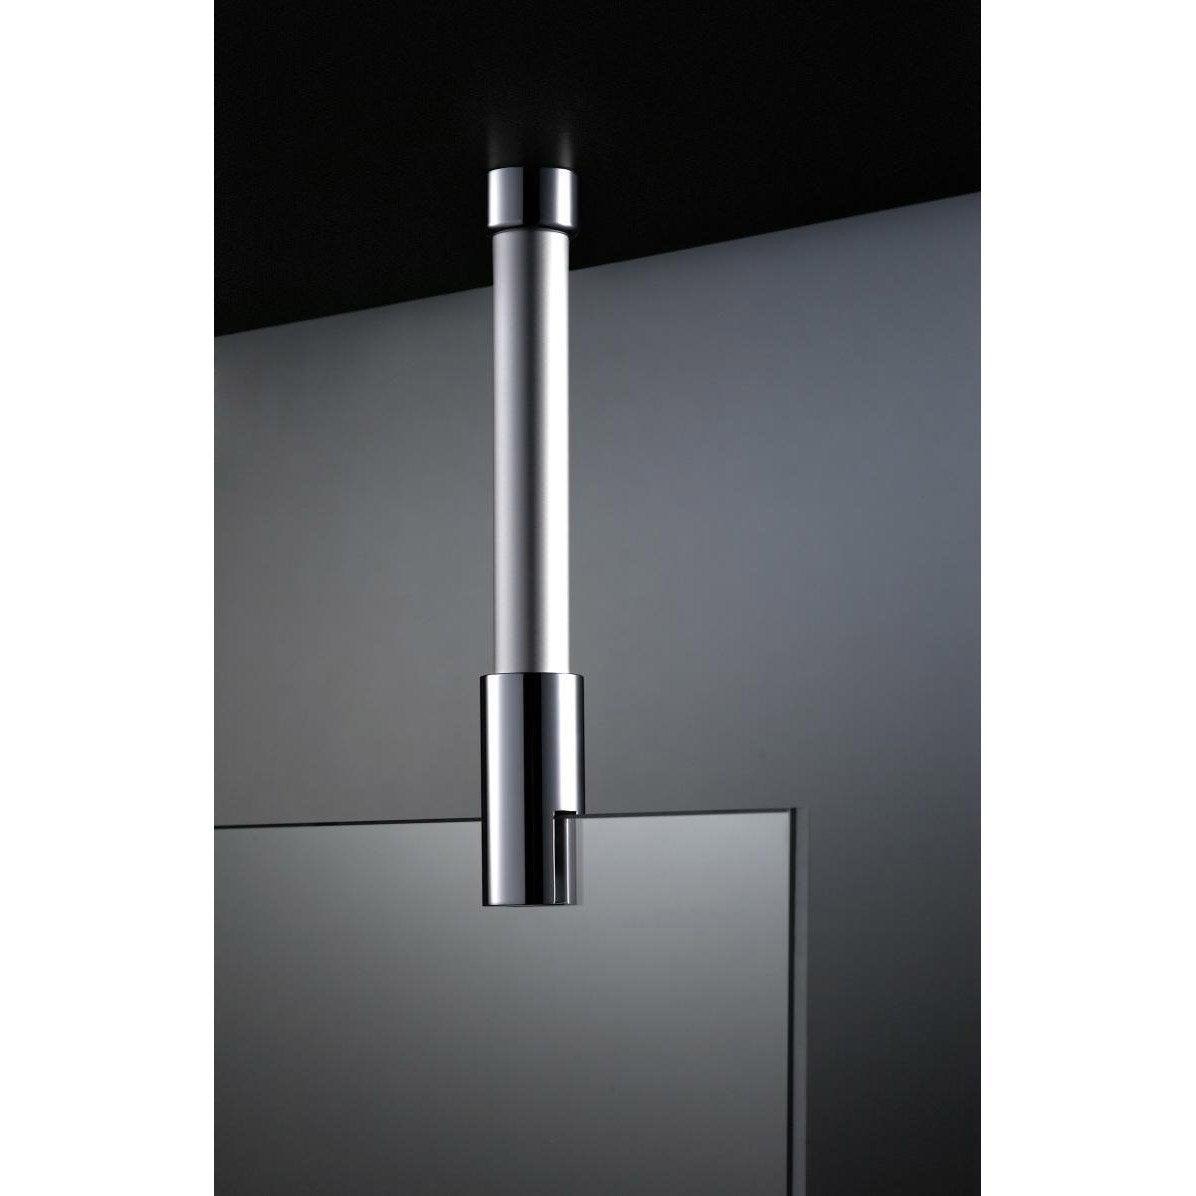 barre de renfort fixation plafond leroy merlin. Black Bedroom Furniture Sets. Home Design Ideas